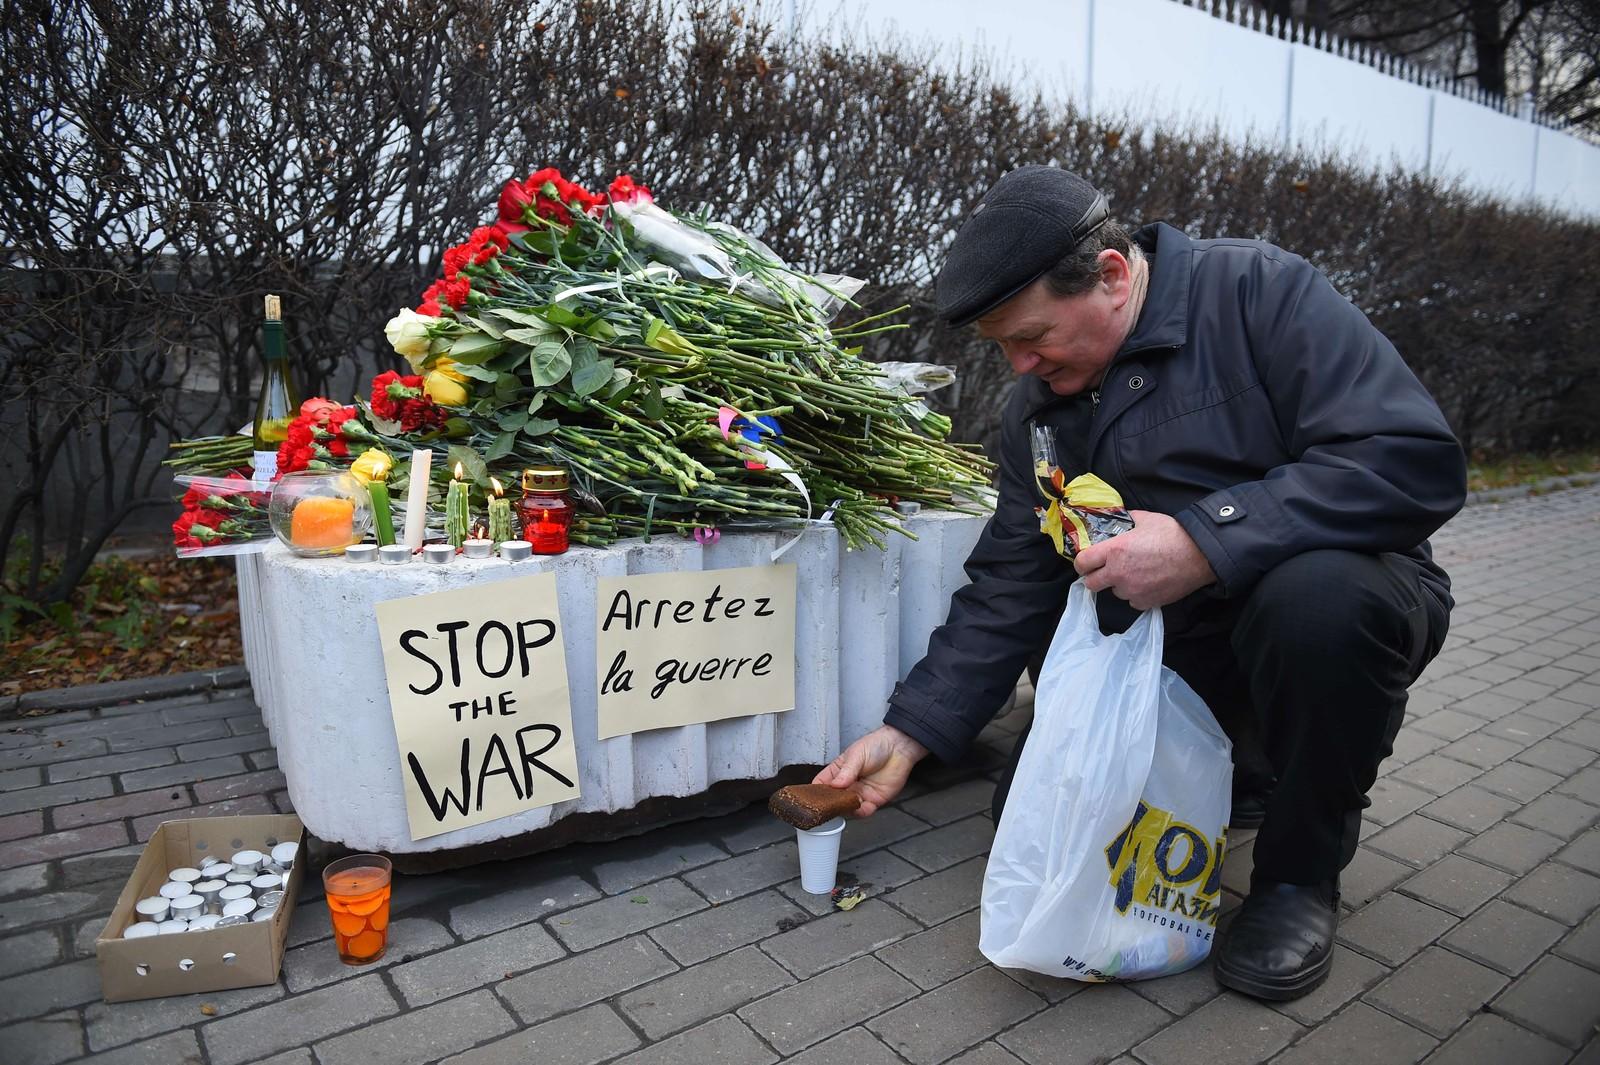 En mann la igjen et stykke brød på en kopp med vodka i utenfor den franske ambassaden i Moskva.